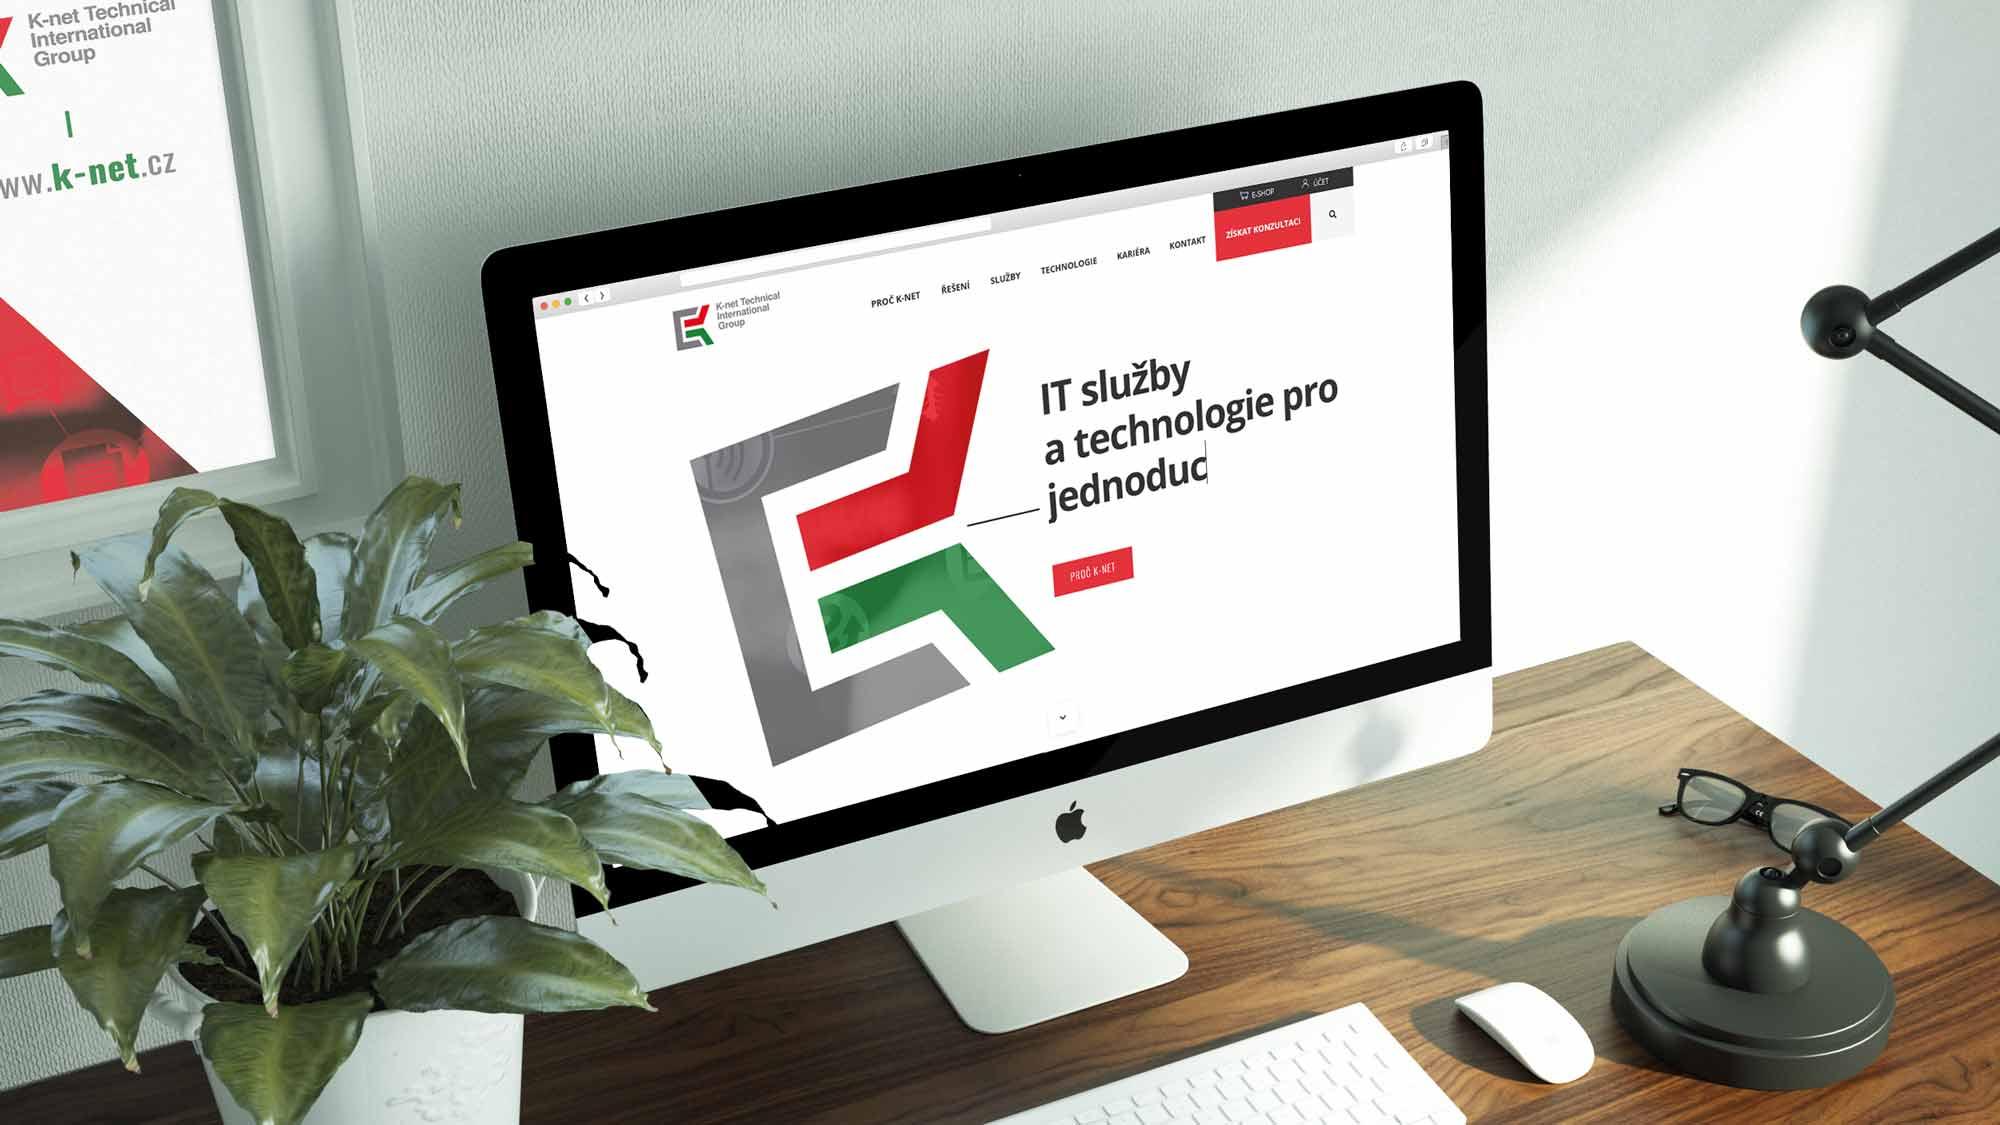 Pohled na iMac, který zobrazuje domovskou stránku K-net, na stole vedle zelené rostliny